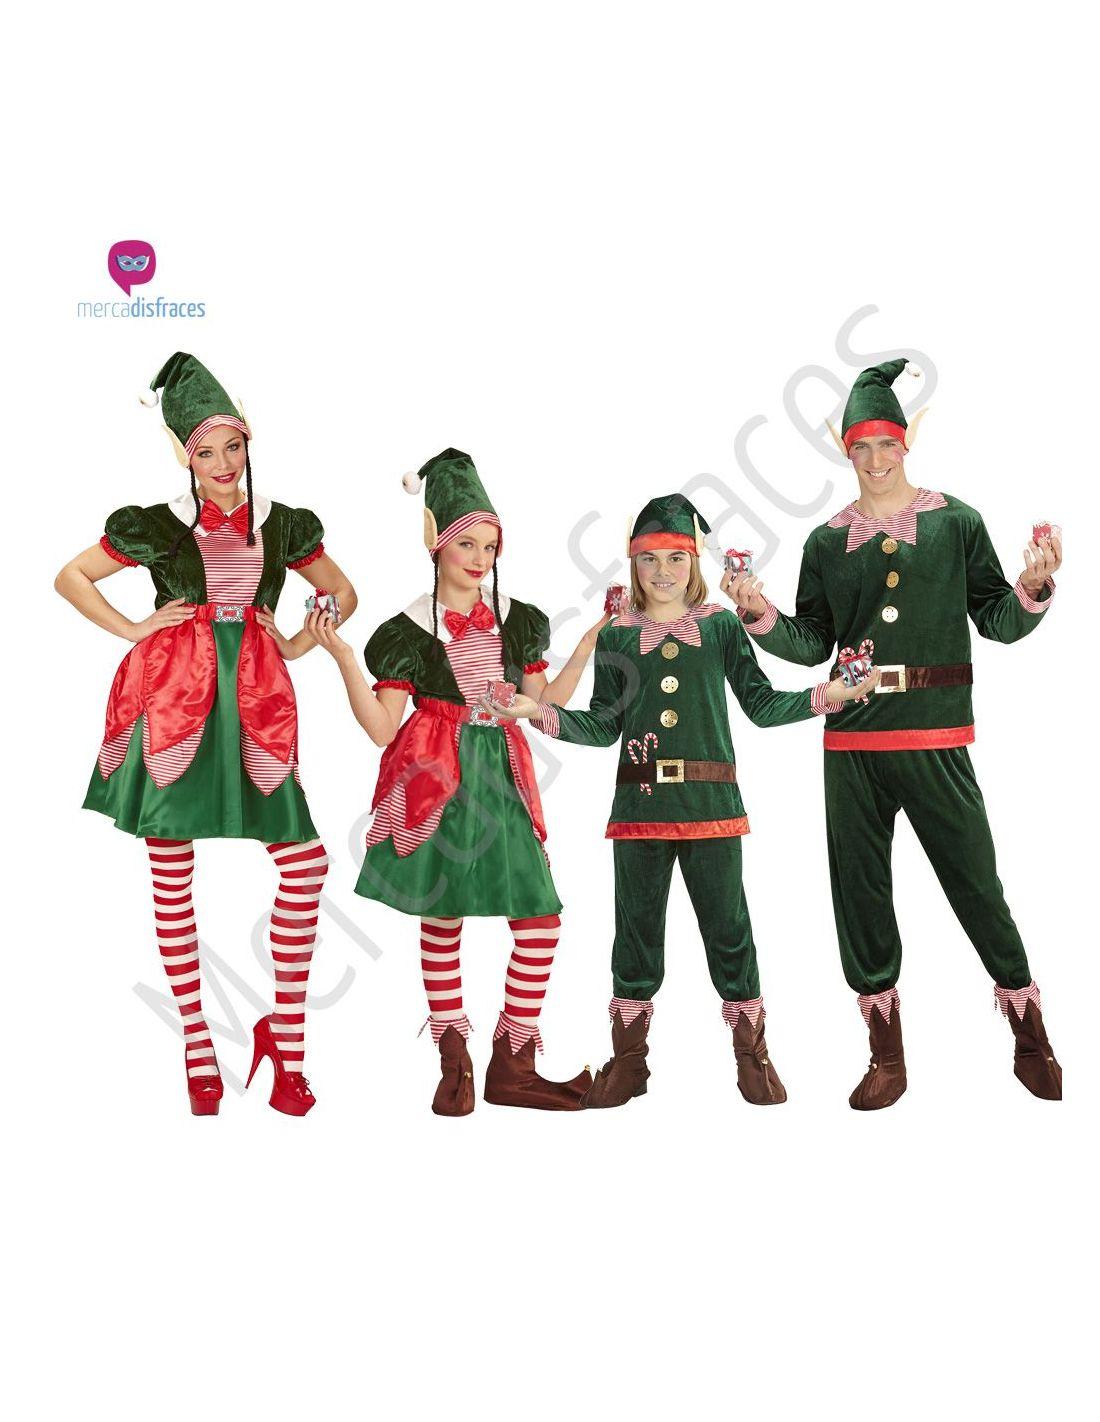 Disfraces grupo duendes ideas para disfraces de grupos - Disfraces de duendes de navidad ...